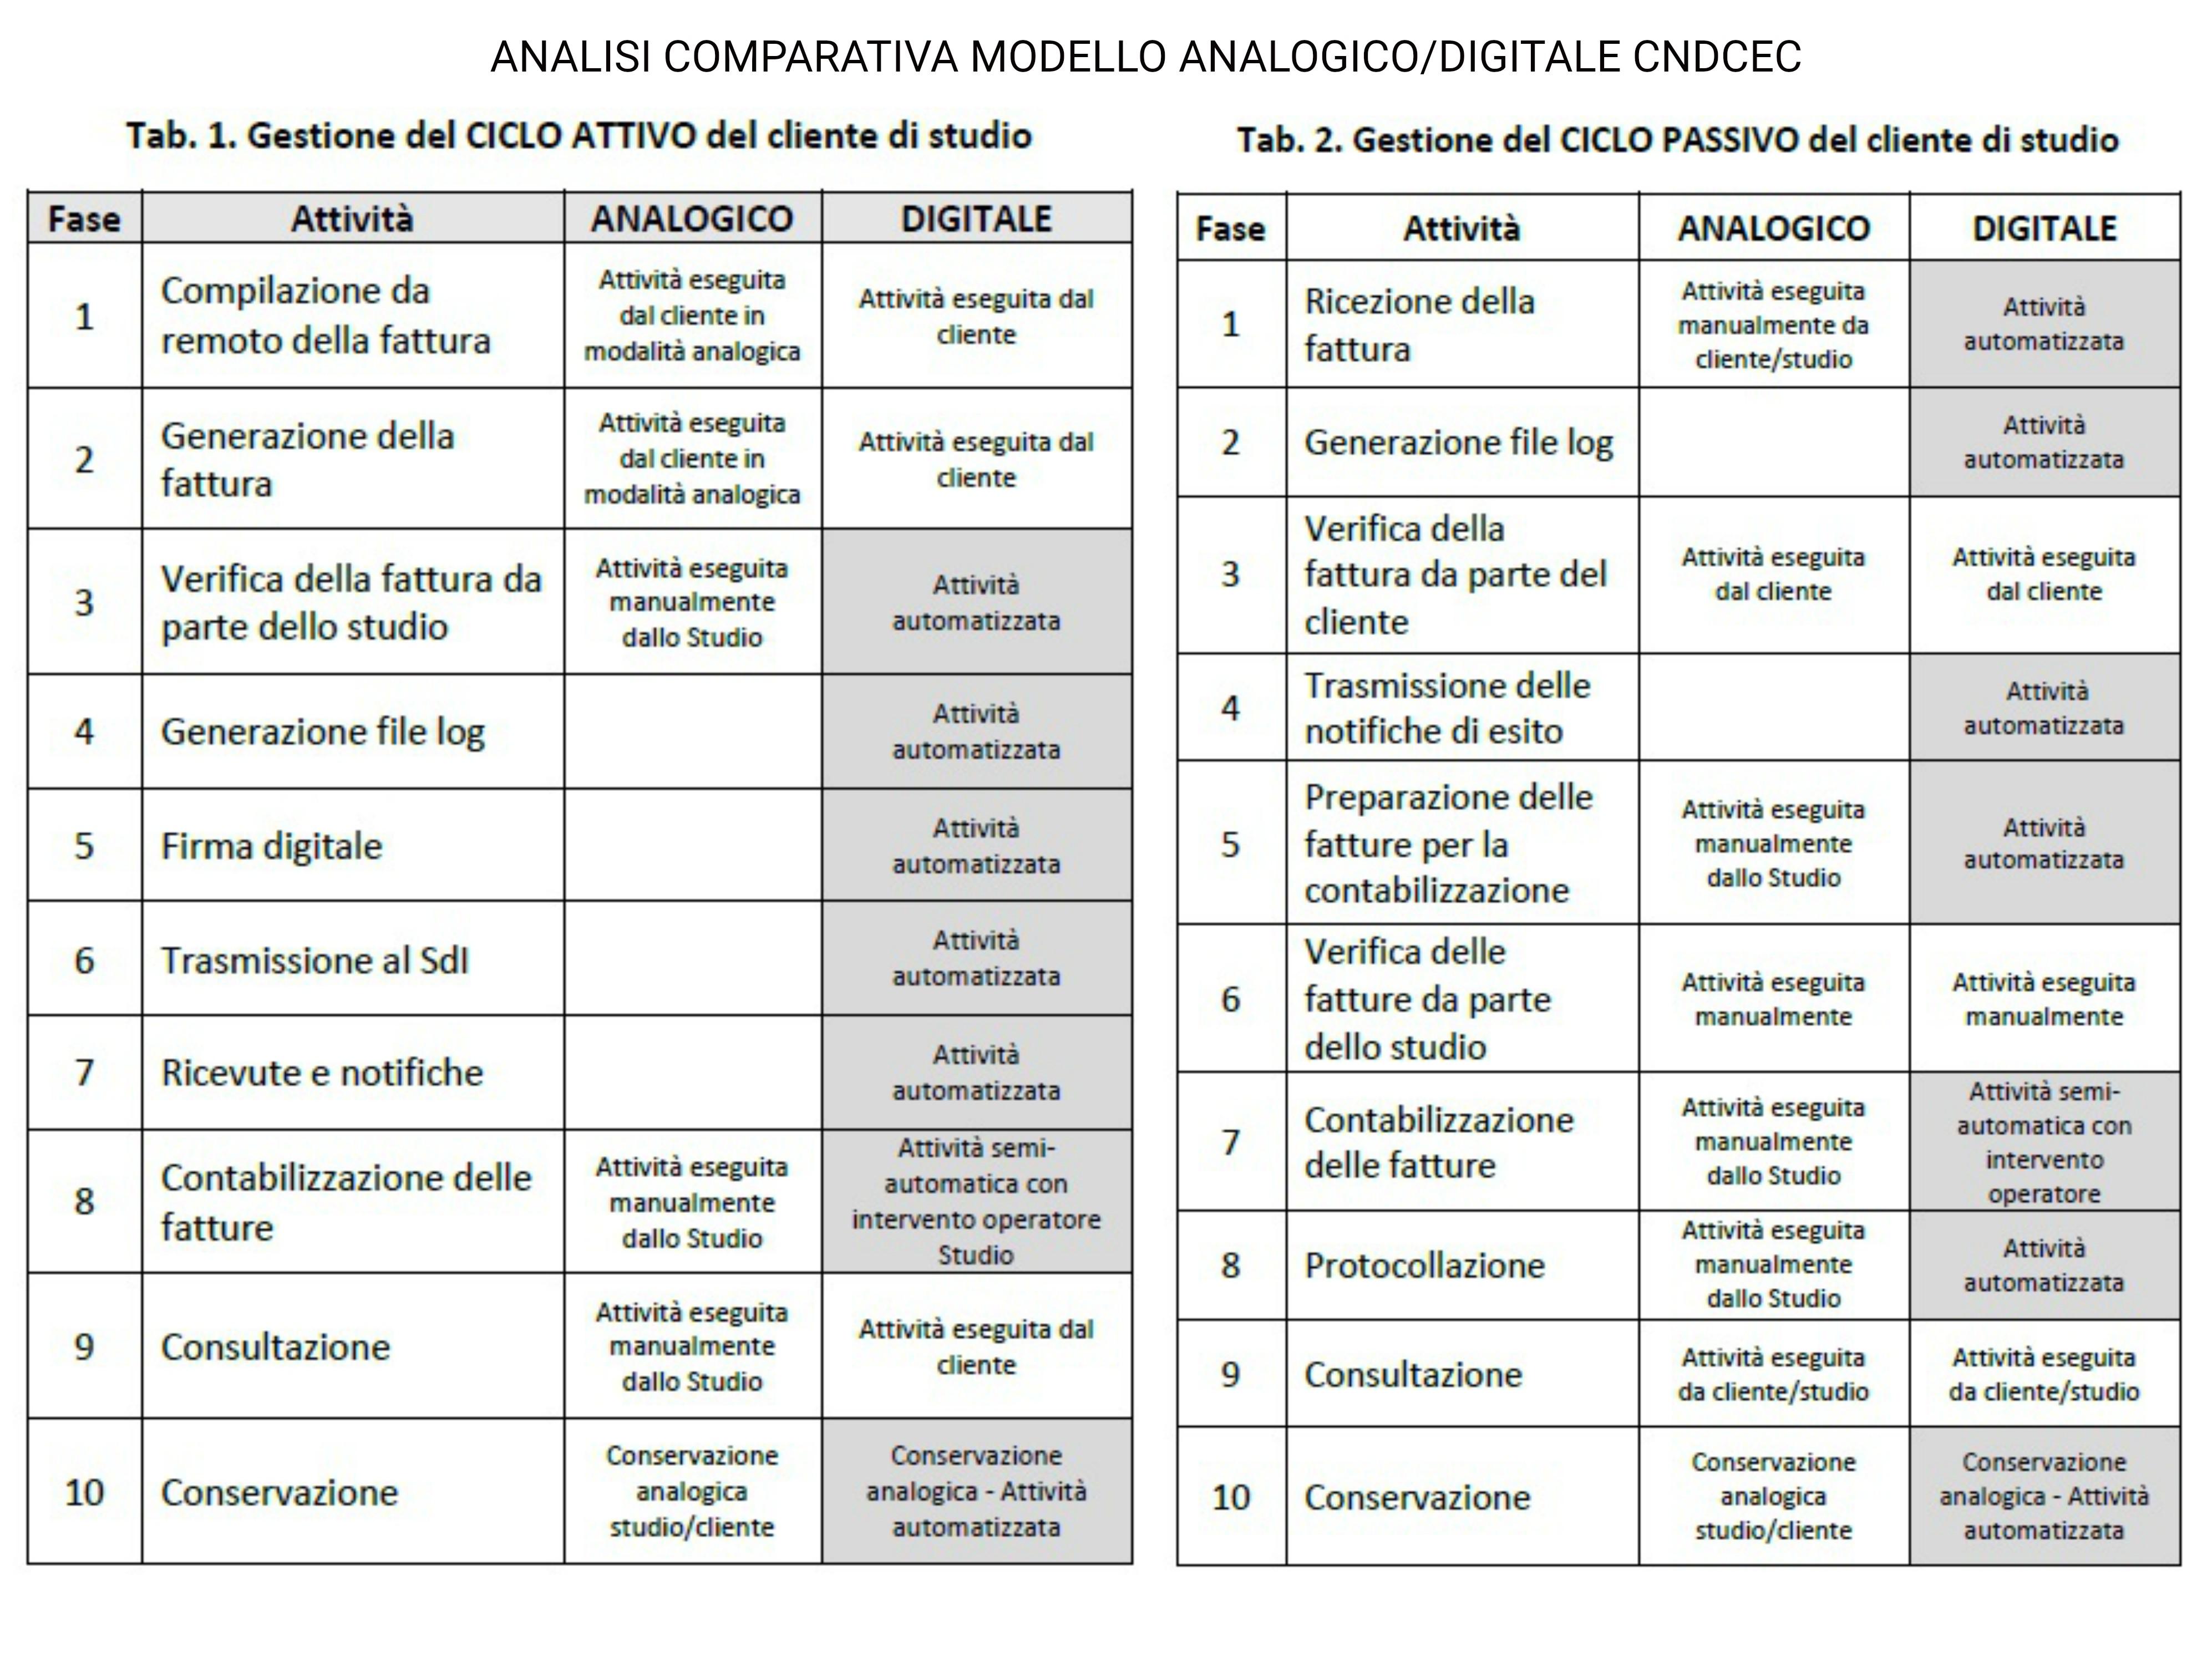 Analisi comparativa modello analogico/digitale del CNDCEC